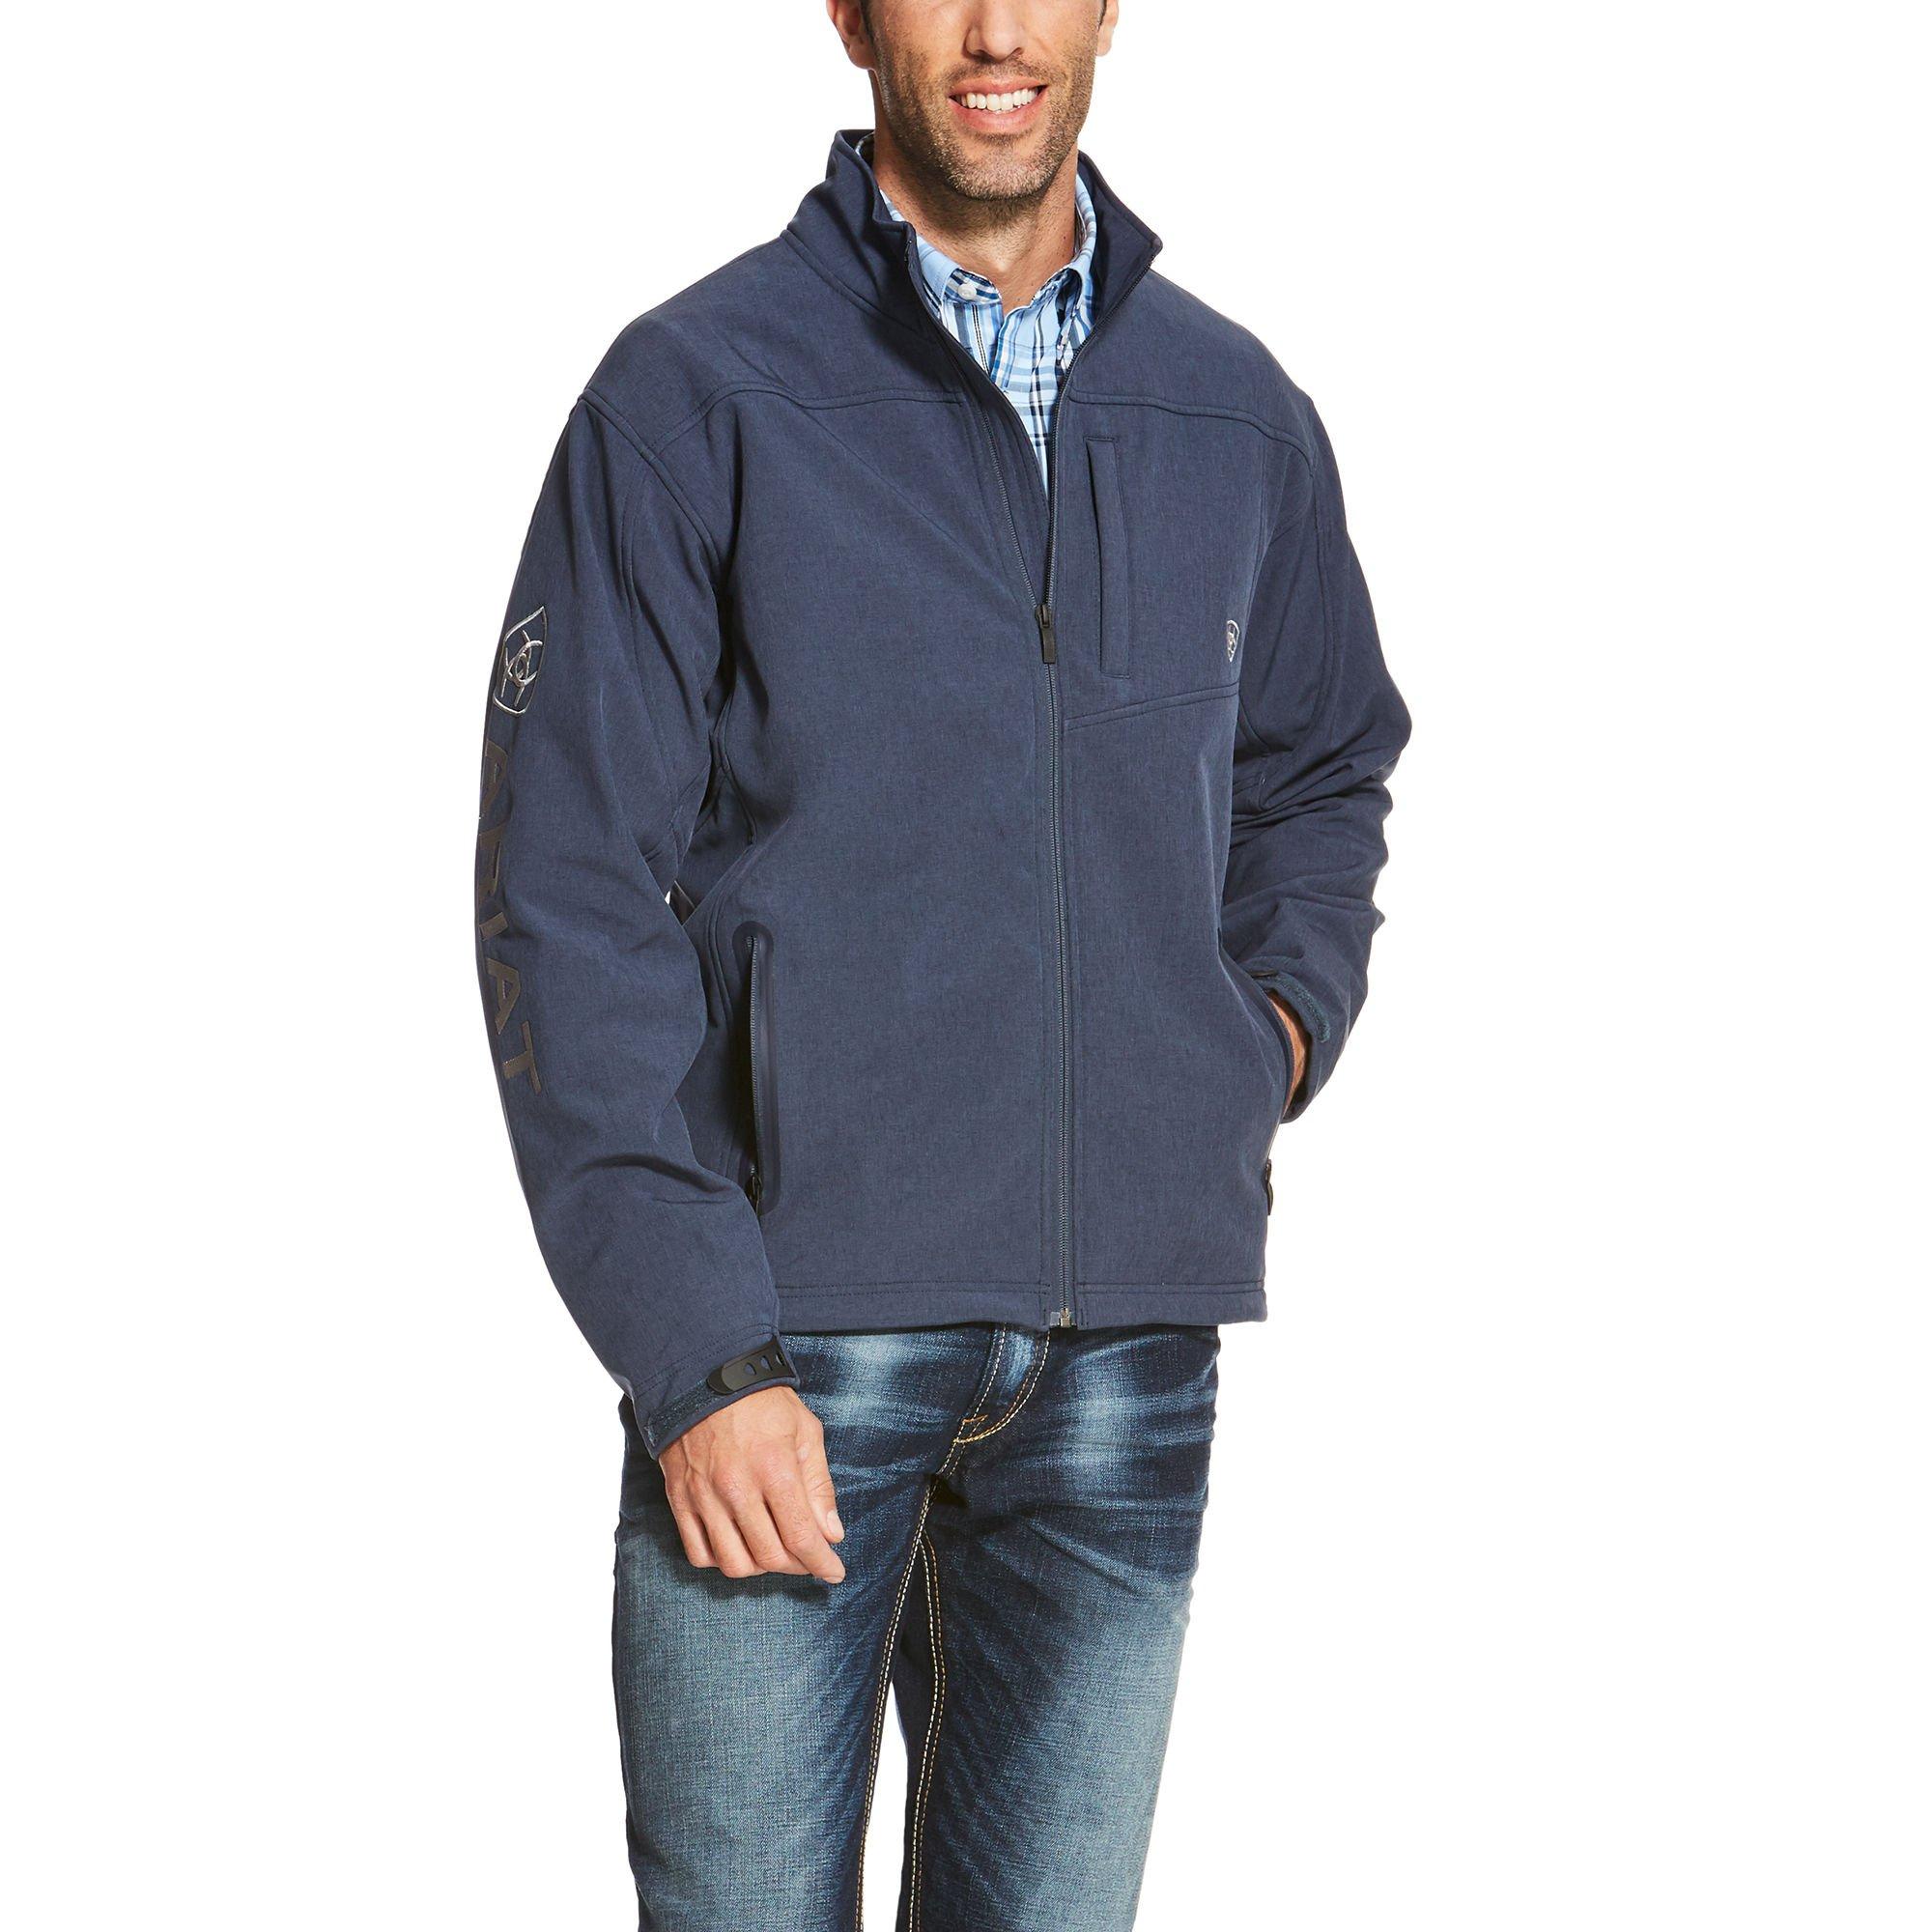 Ariat Men's Logo Softshell Jacket, Indigo, Large